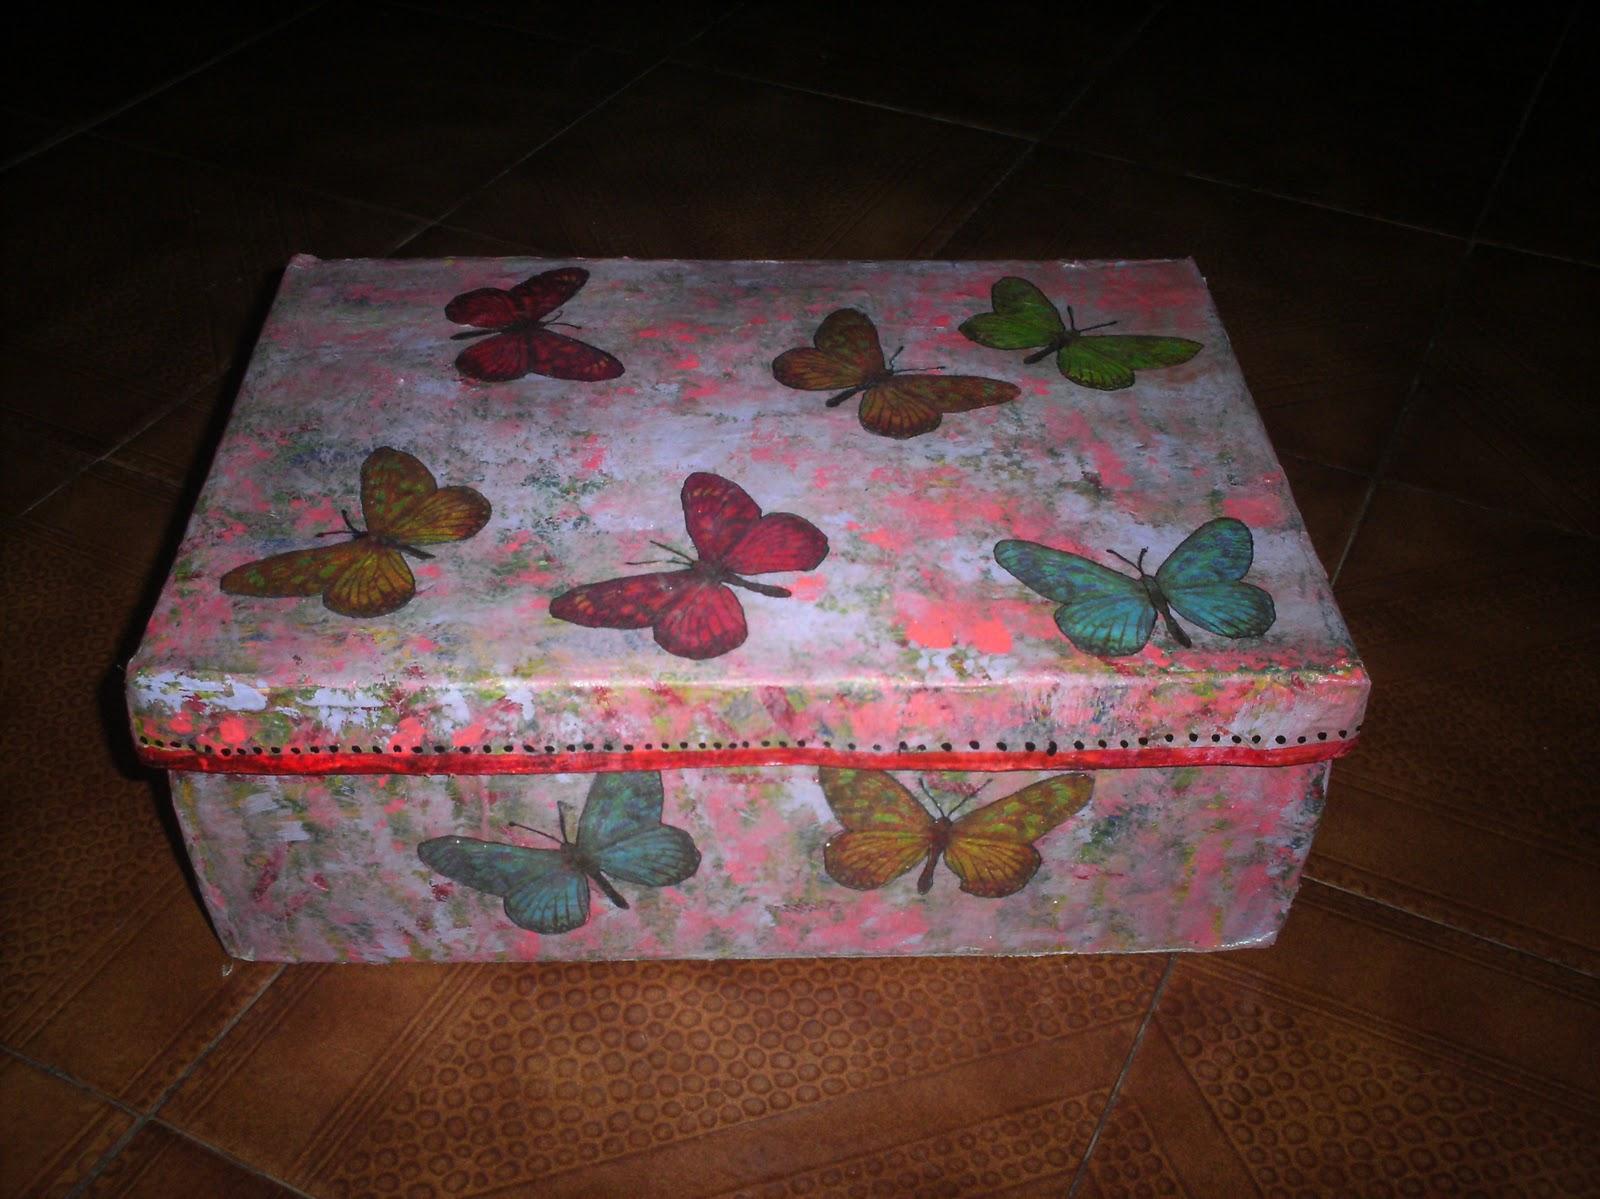 Artesanias cajas de zapatos decoradas - Cajas de zapatos decoradas ...